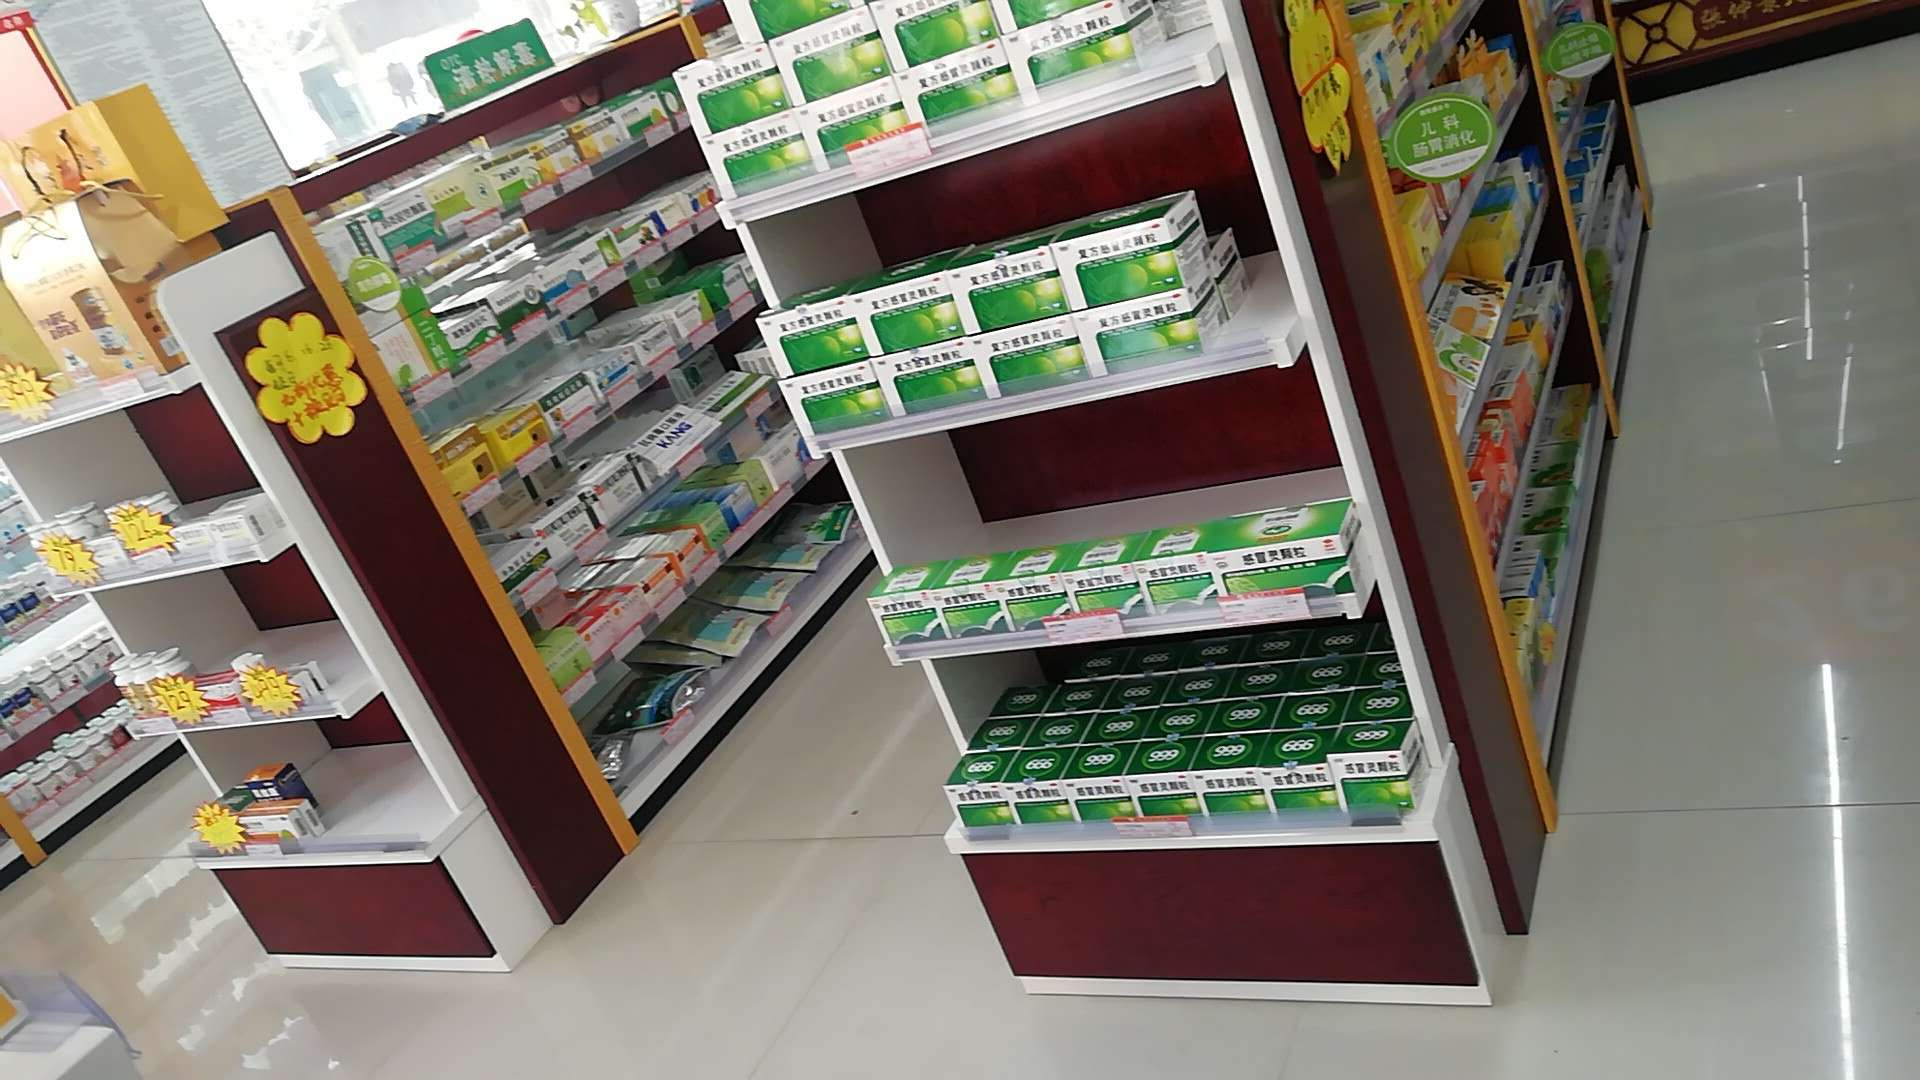 呼和浩特璟研货架,供应负重力强的呼和浩特超市货架